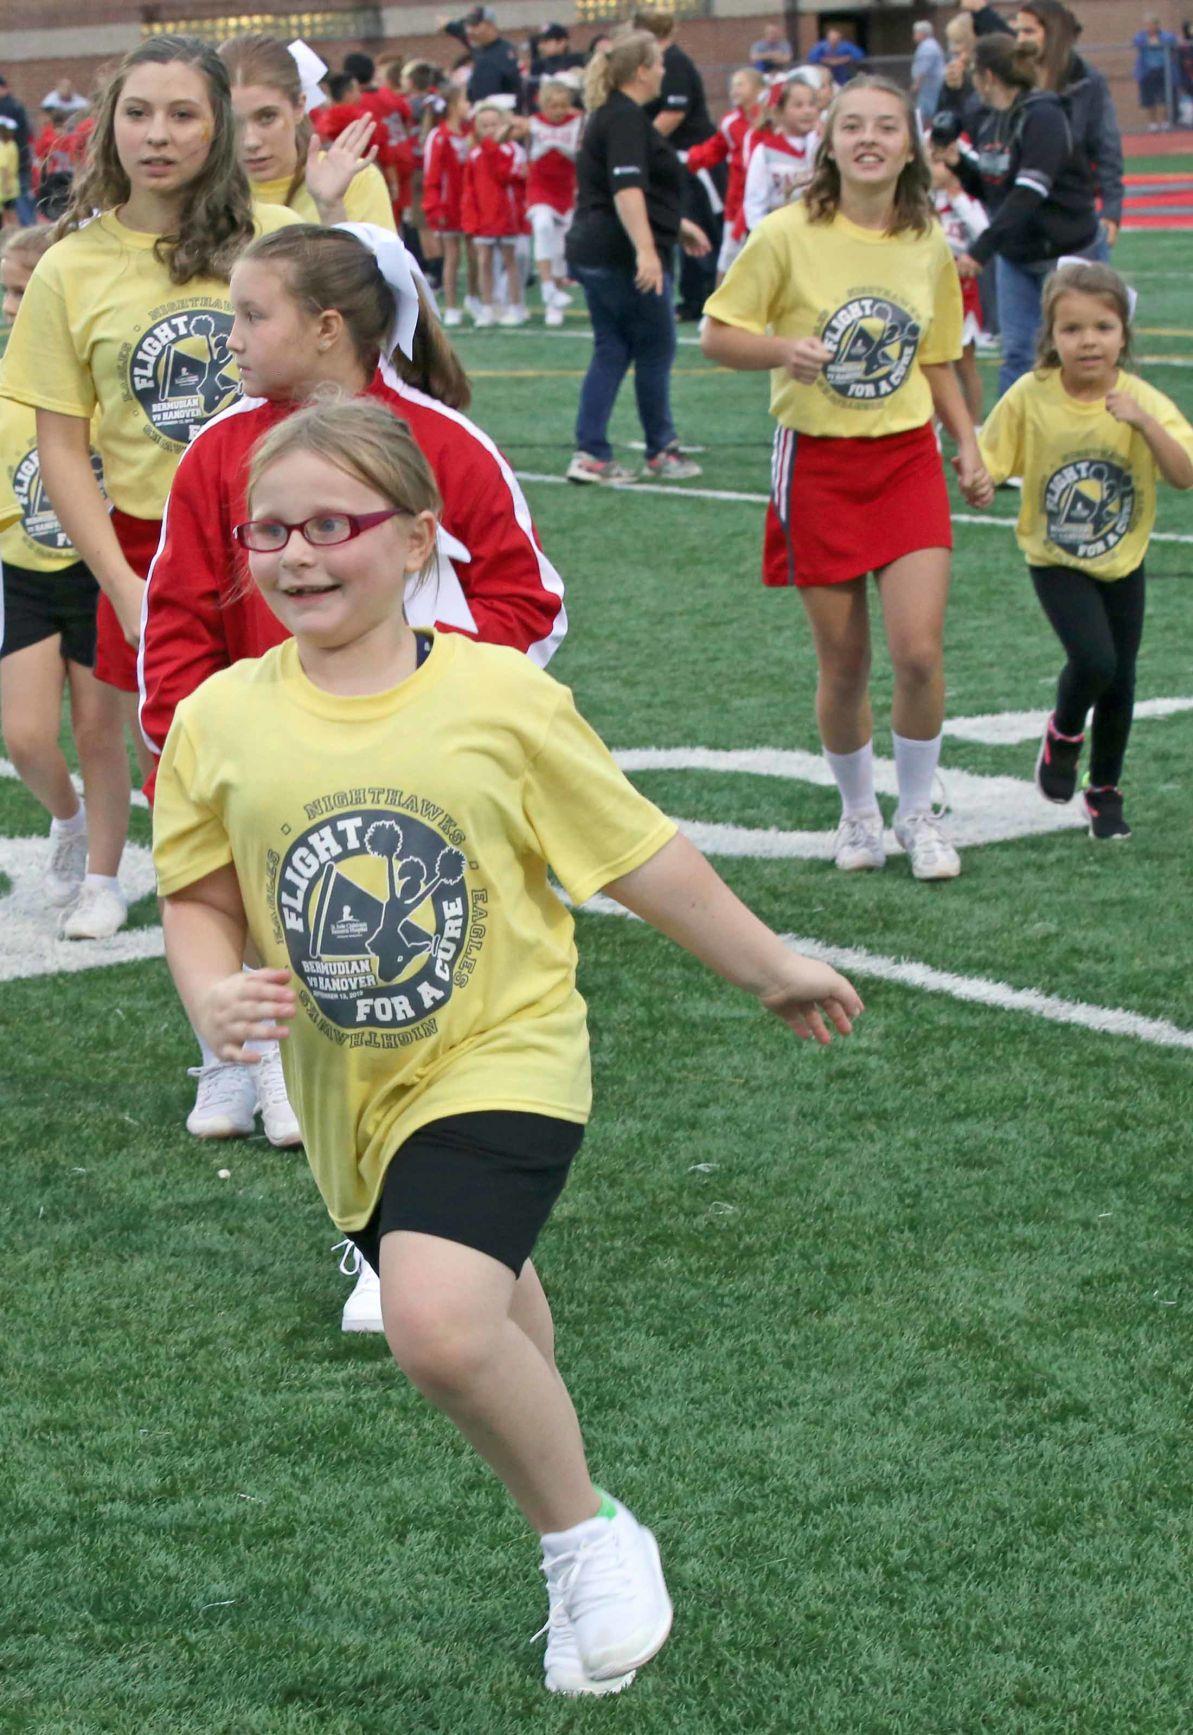 2019_09_13 Berm cheerleaders (3).jpg